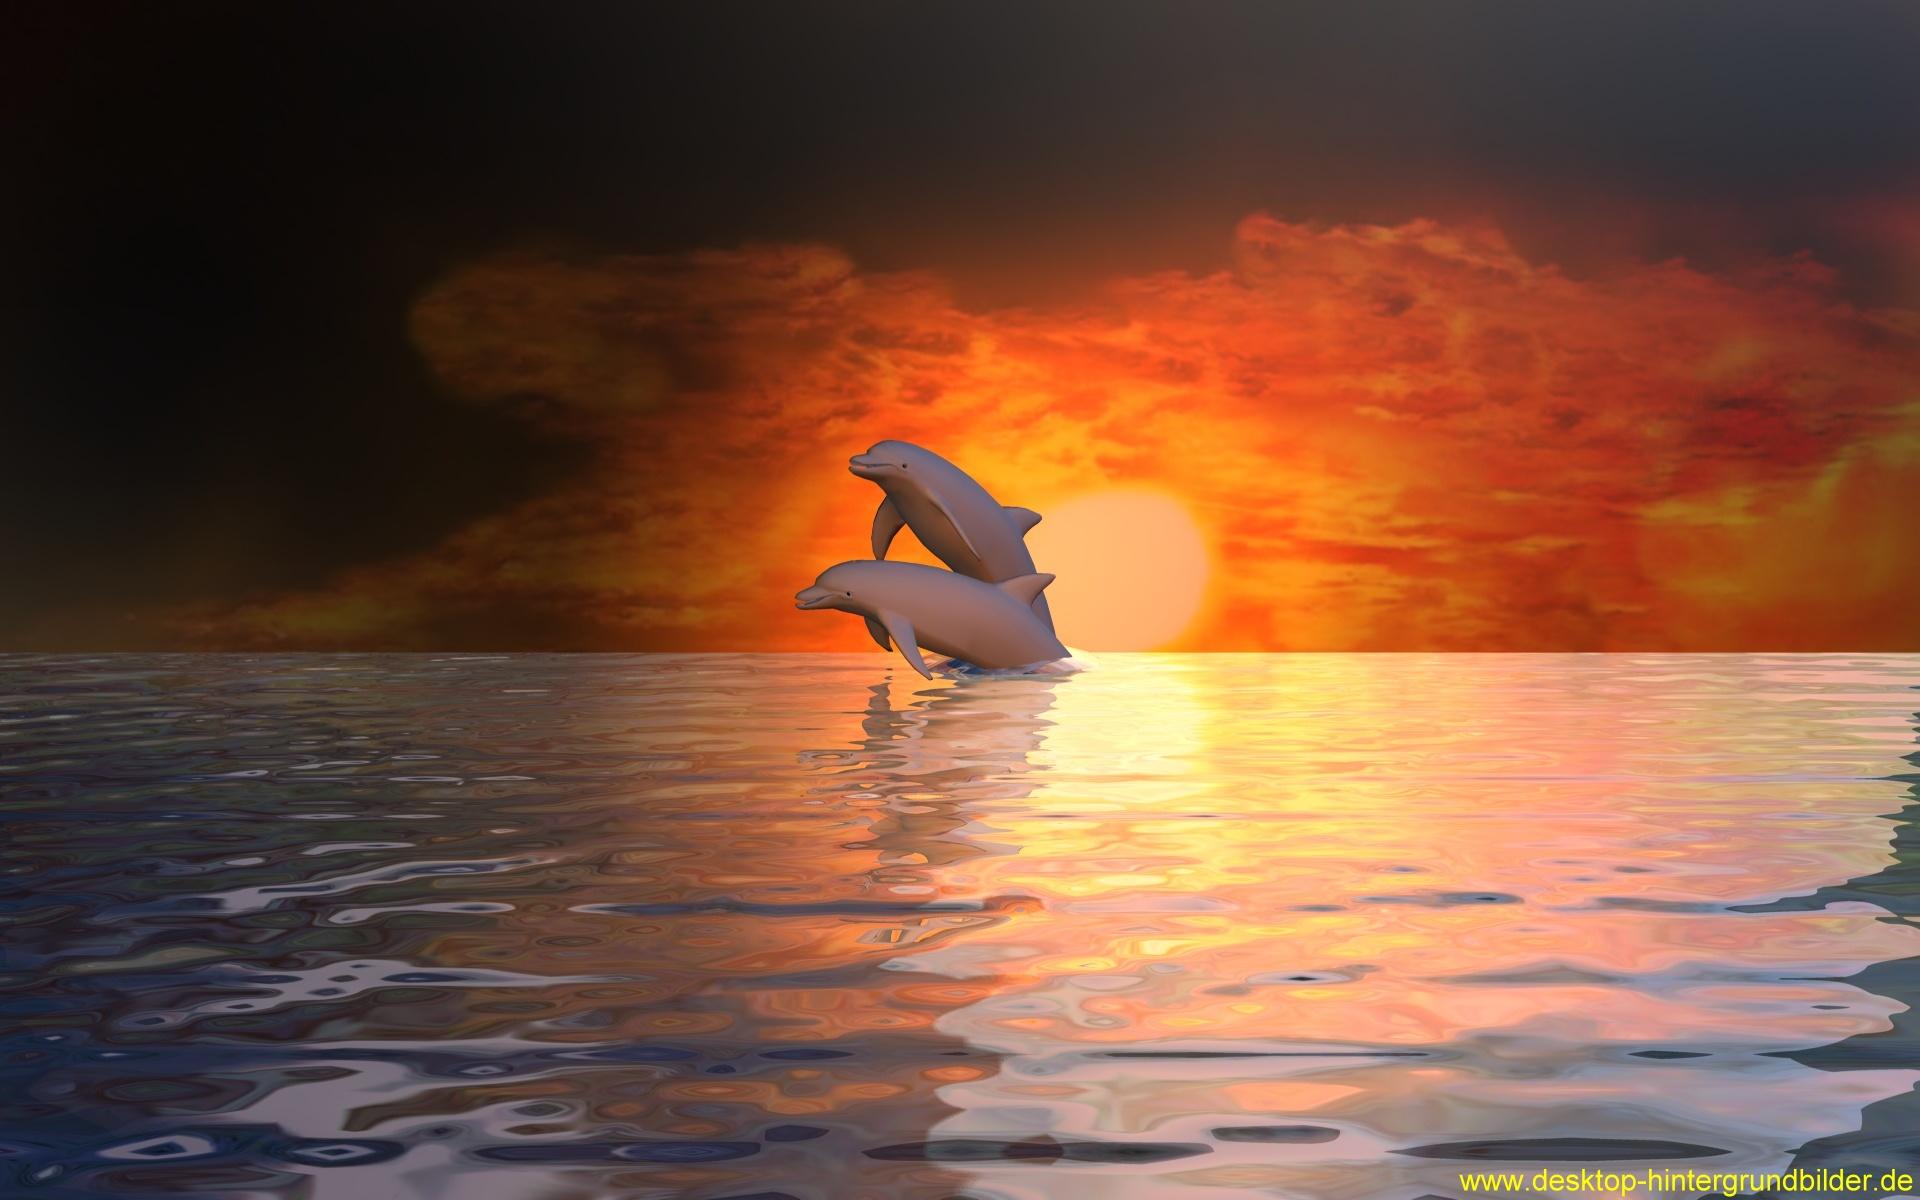 Delfin HD Wallpaper | Hintergrund | 1920x1200 | ID:439259